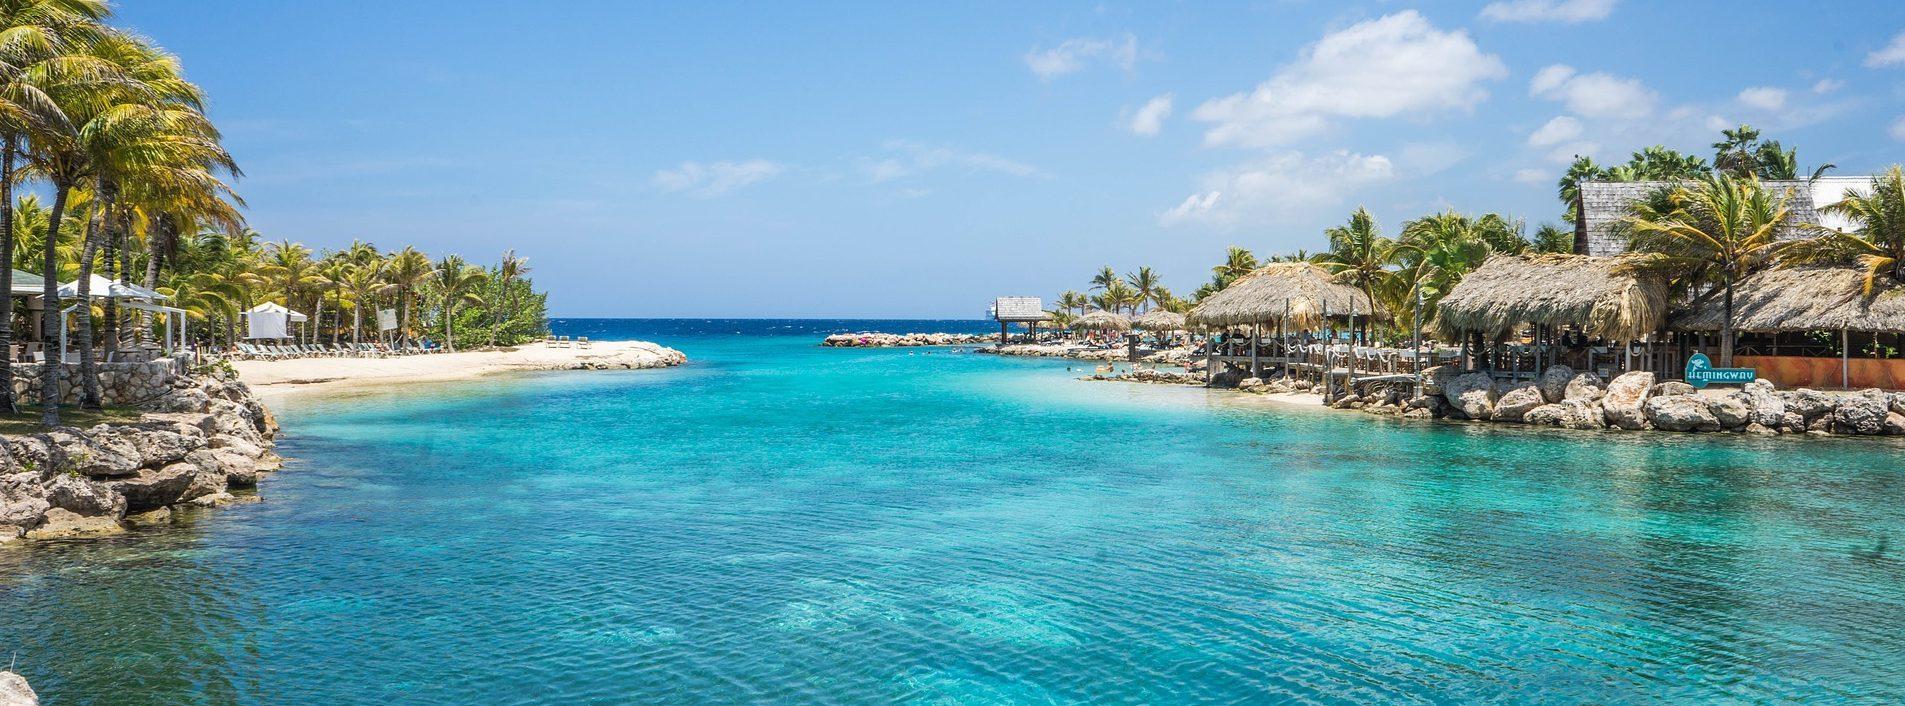 viajar al caribe todo incluido